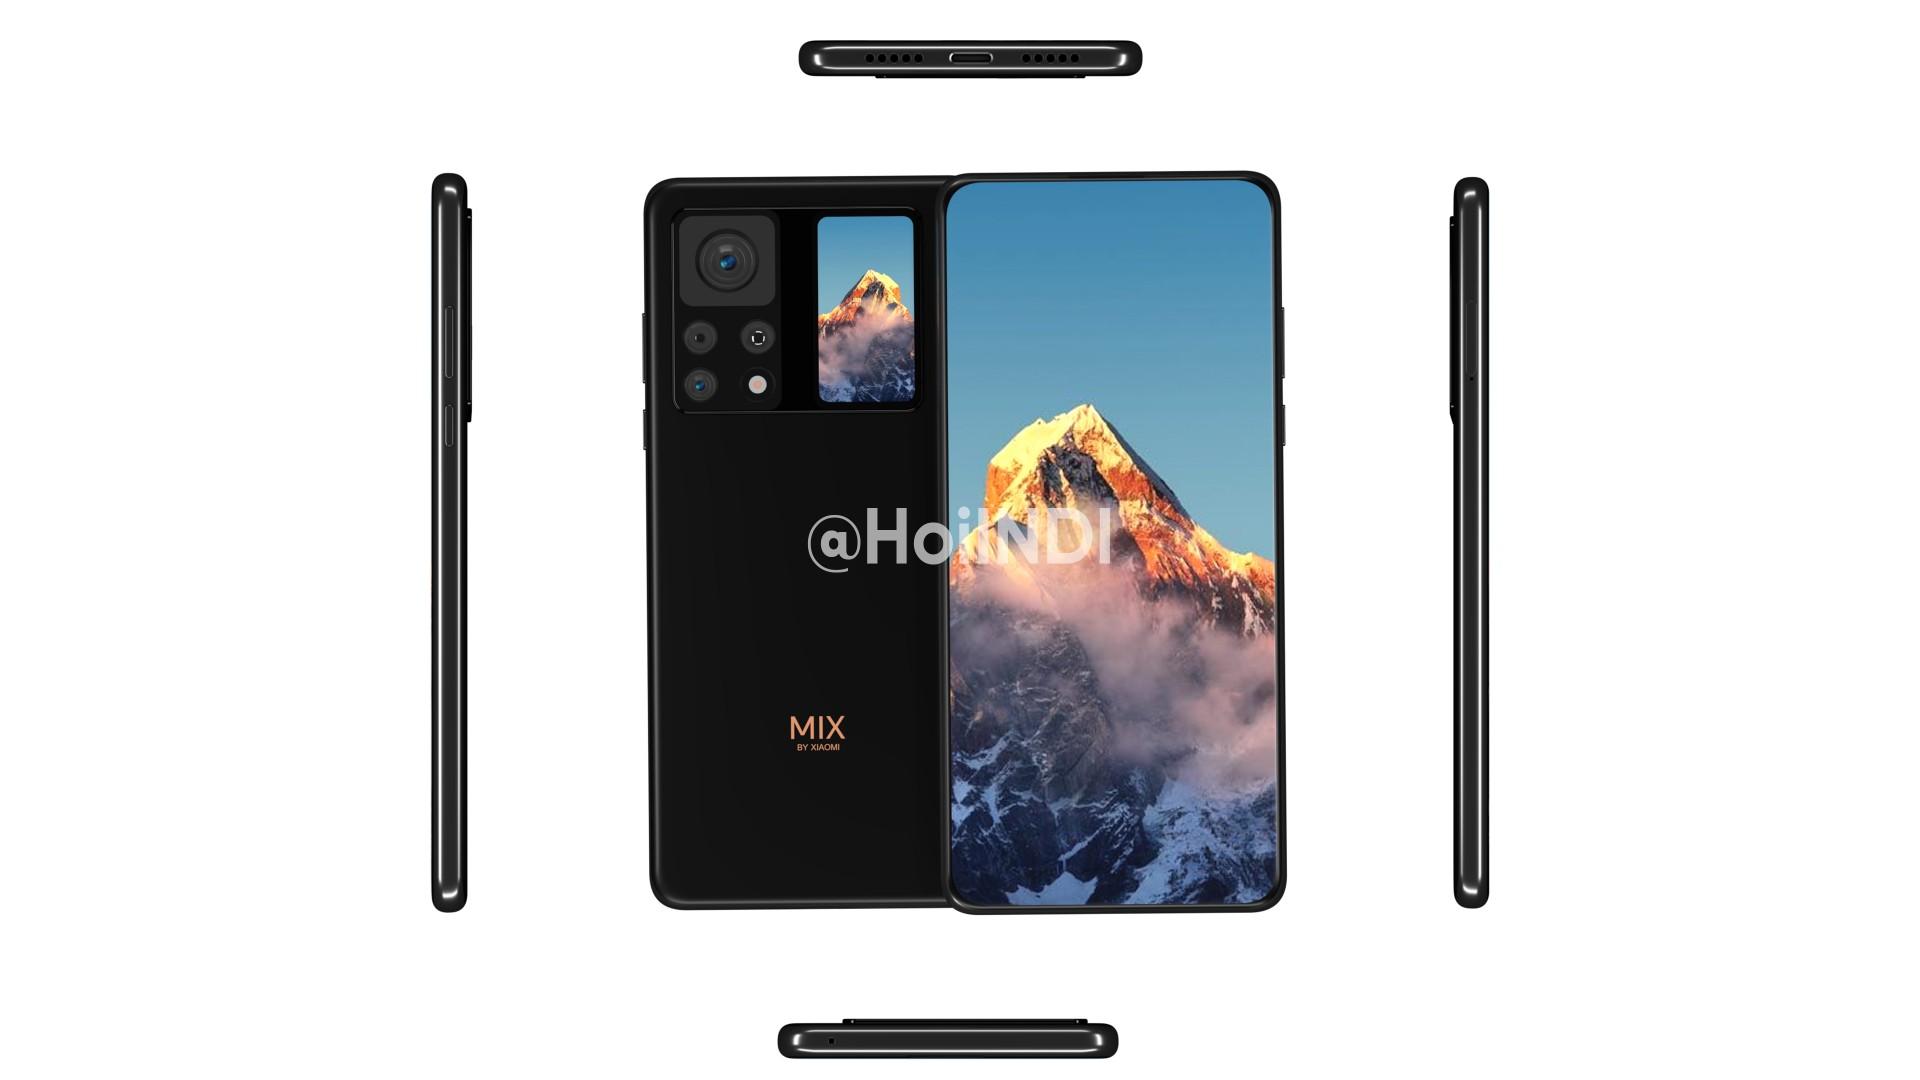 گوشی می میکس 4 شیائومی یک دوربین زیر نمایشگر کاملا نامرئی خواهد داشت + ویدئو